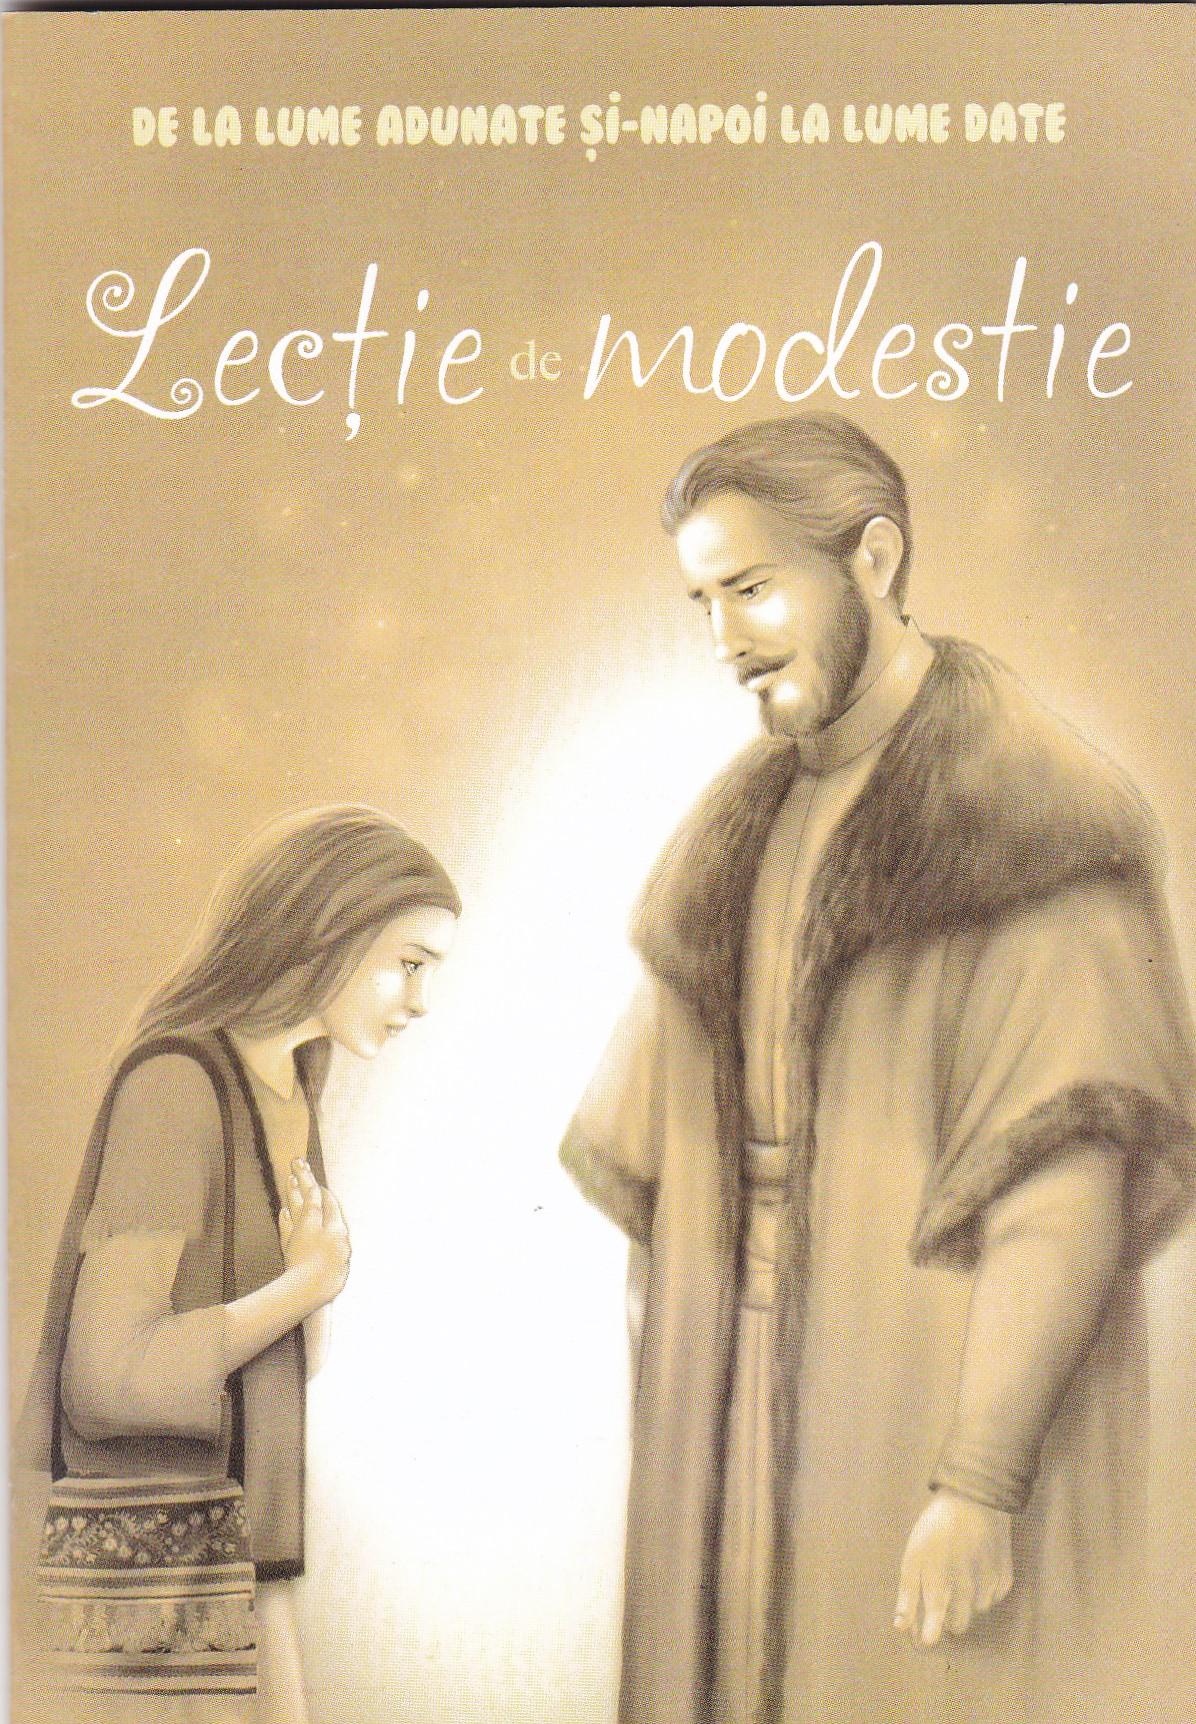 Lecție de modestie. De la lume adunate si-napoi la lume date